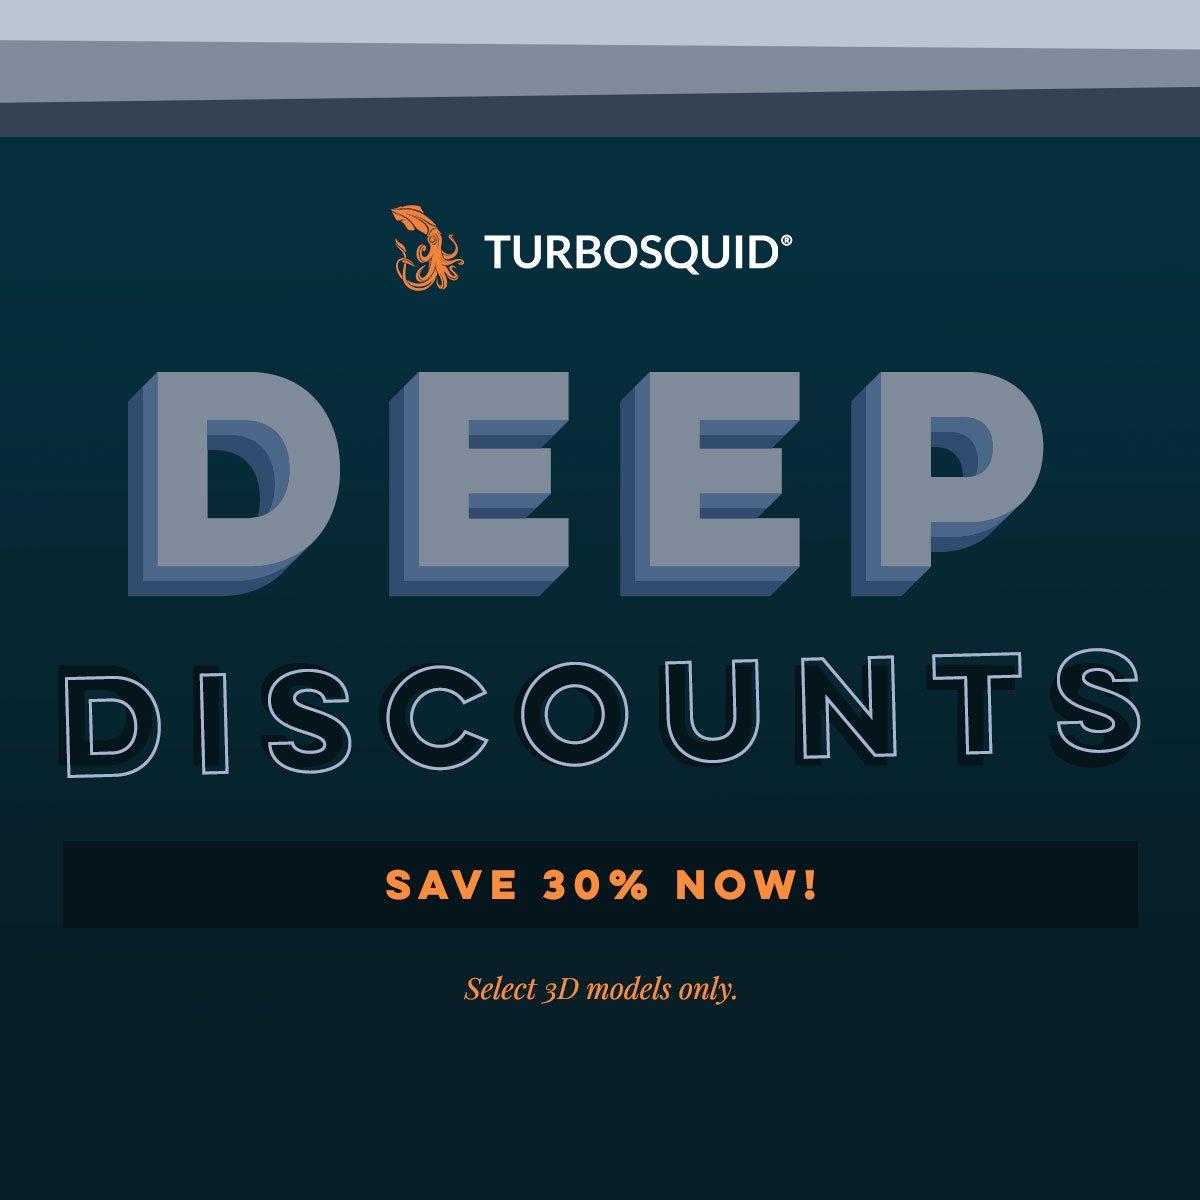 TurboSquid (@TurboSquid) | Twitter